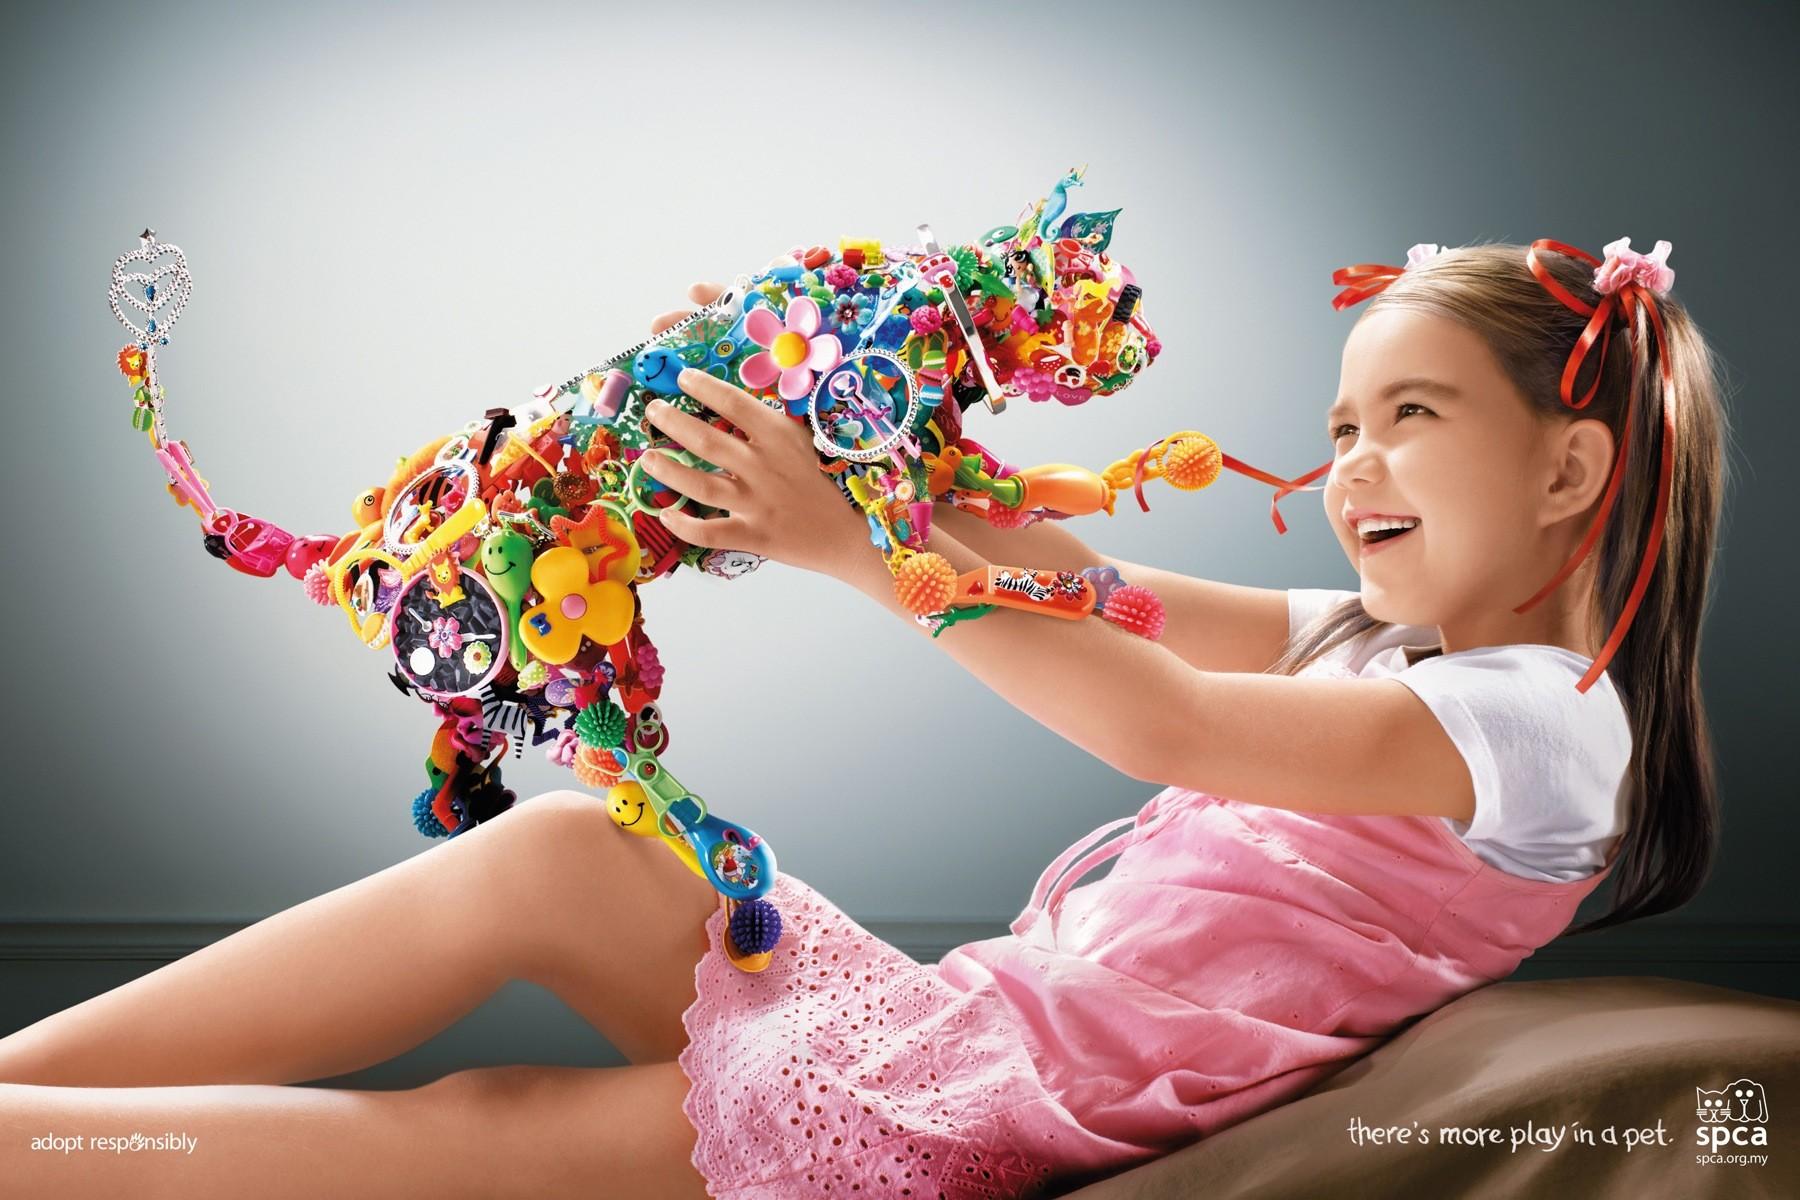 广告欣赏:马来西亚爱护动物协会(spca)